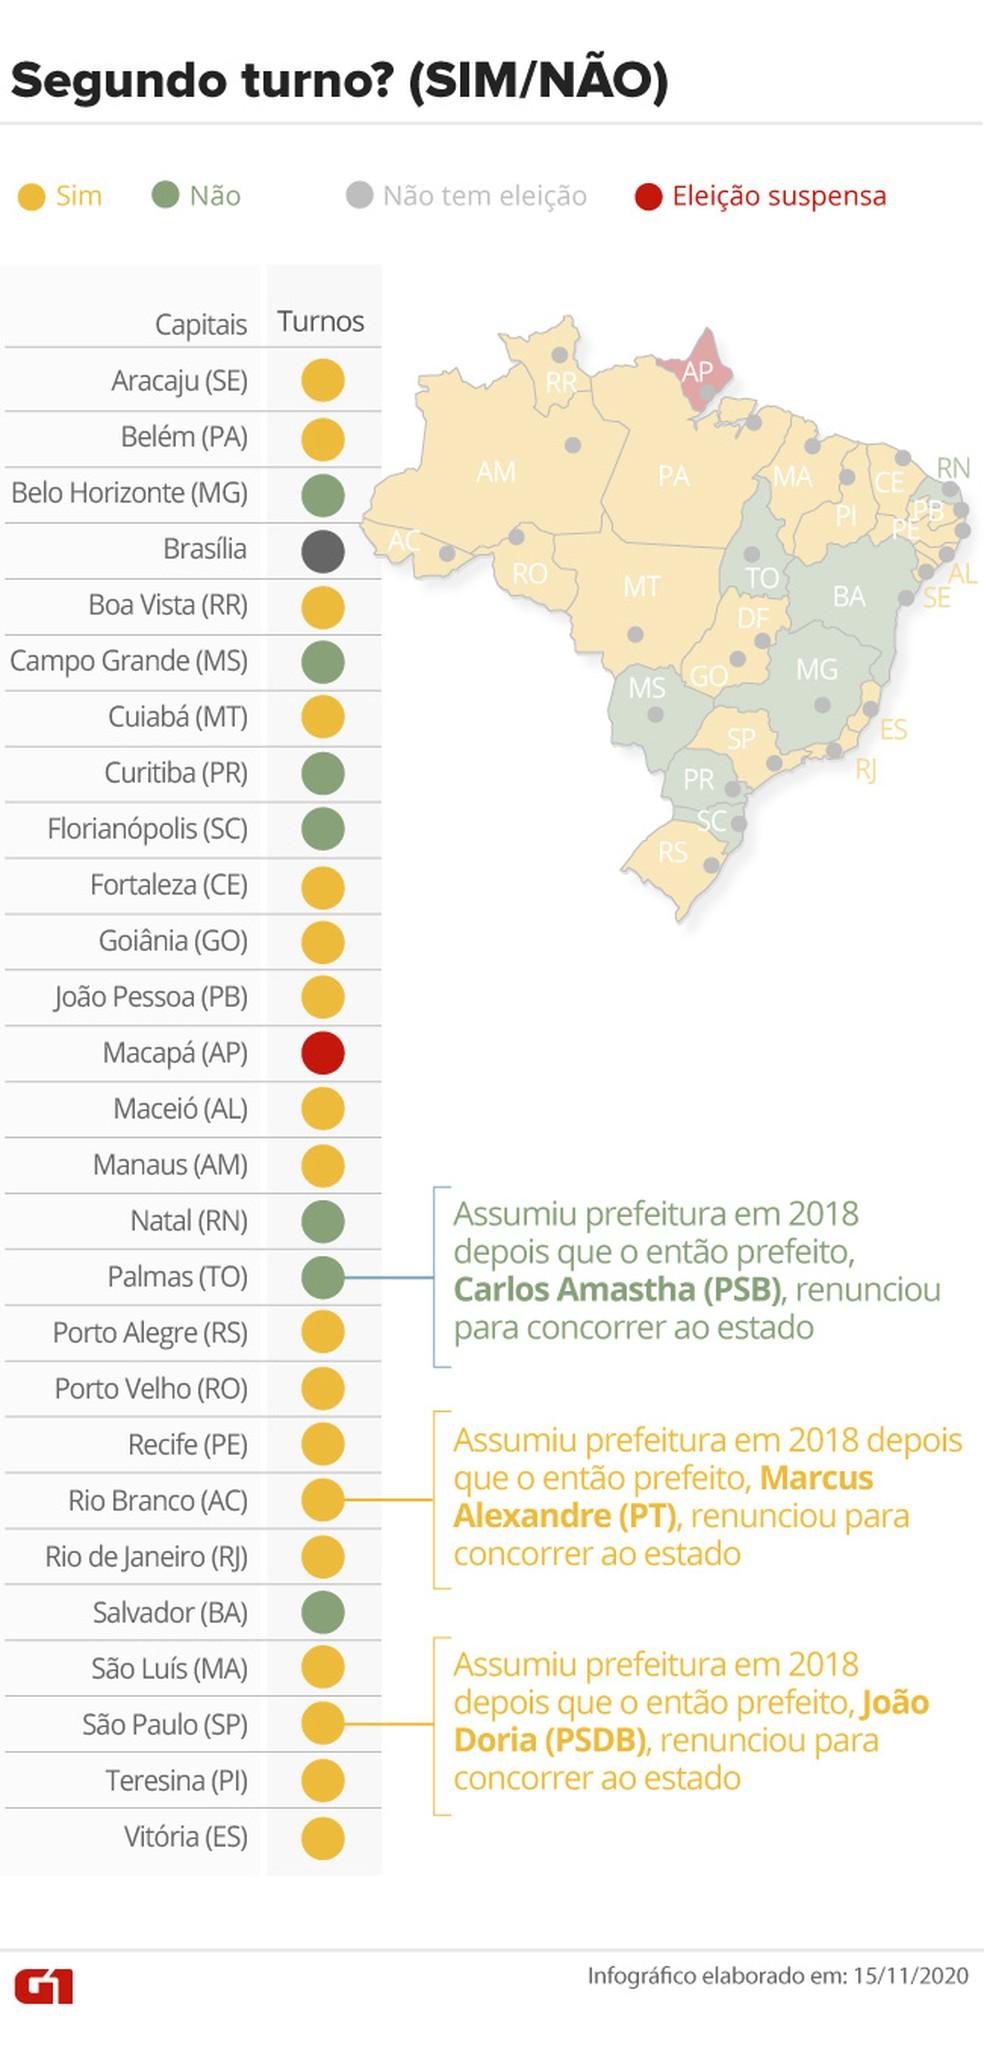 Infográfico mostra capitais onde os prefeitos já foram eleitos (em verde), onde haverá segundo turno (em amarelo) e onde as eleições foram suspensas (em vermelho). — Foto: Aparecido Gonçalves/G1